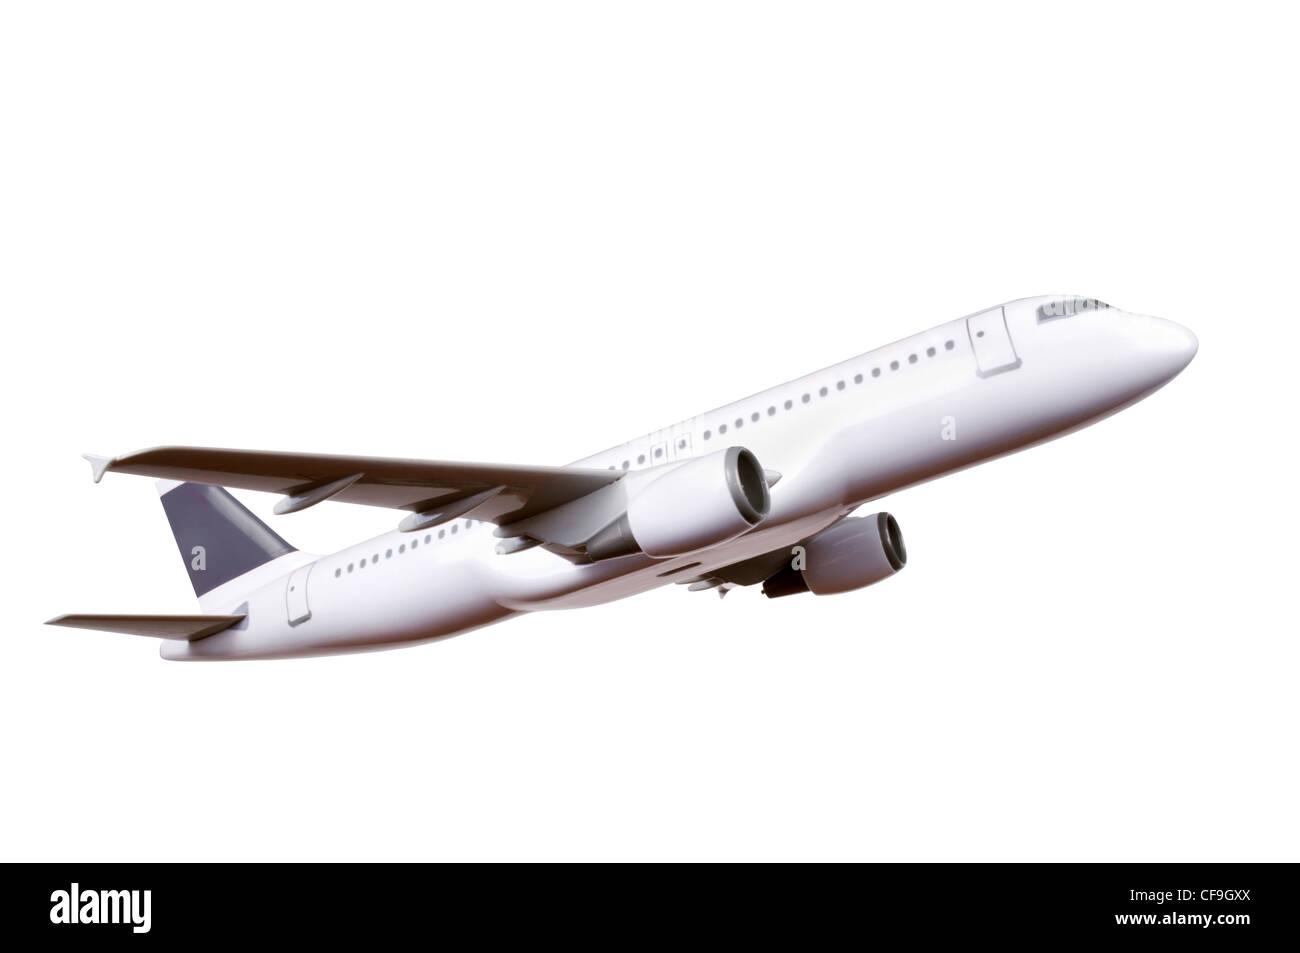 Passagierflugzeug Modell isoliert auf weißem Hintergrund Stockbild